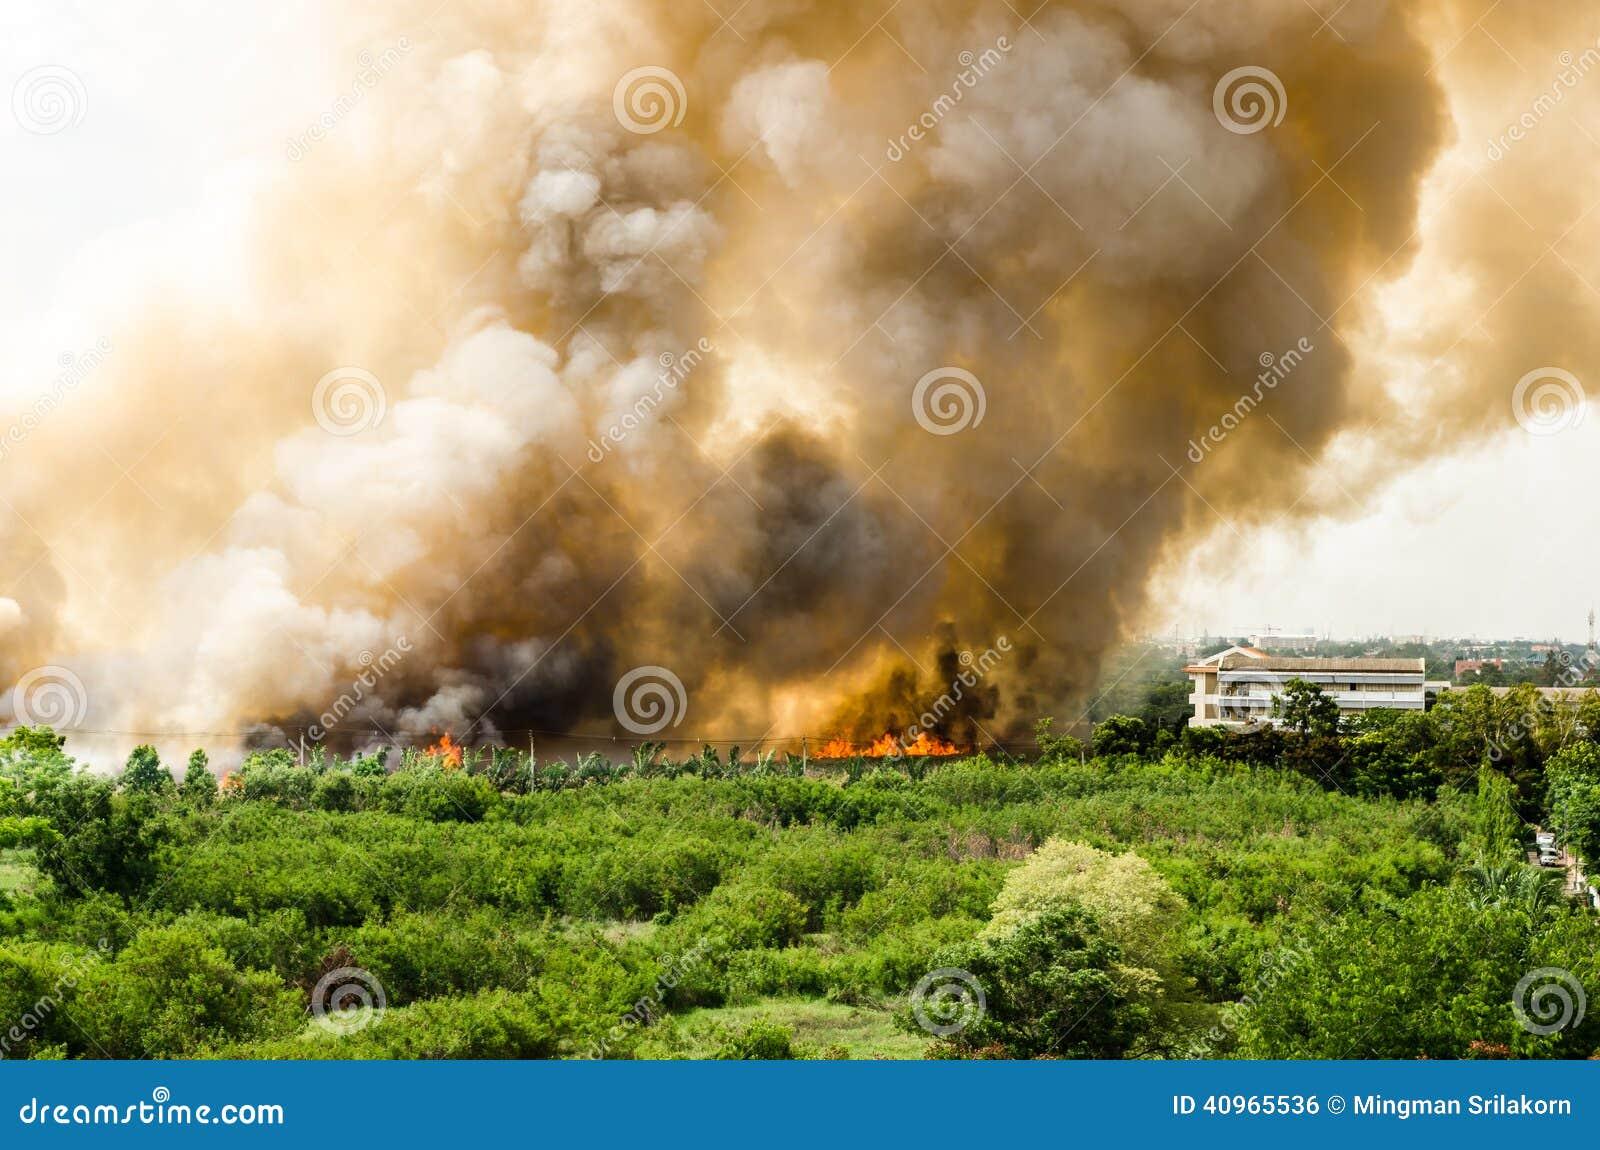 Δασικές πυρκαγιές στην πόλη σε μια καυτή υπερβολική παροχή Πυροσβέστης που ενισχύεται να επιταχύνει να αποτρέψει την πυρκαγιά που